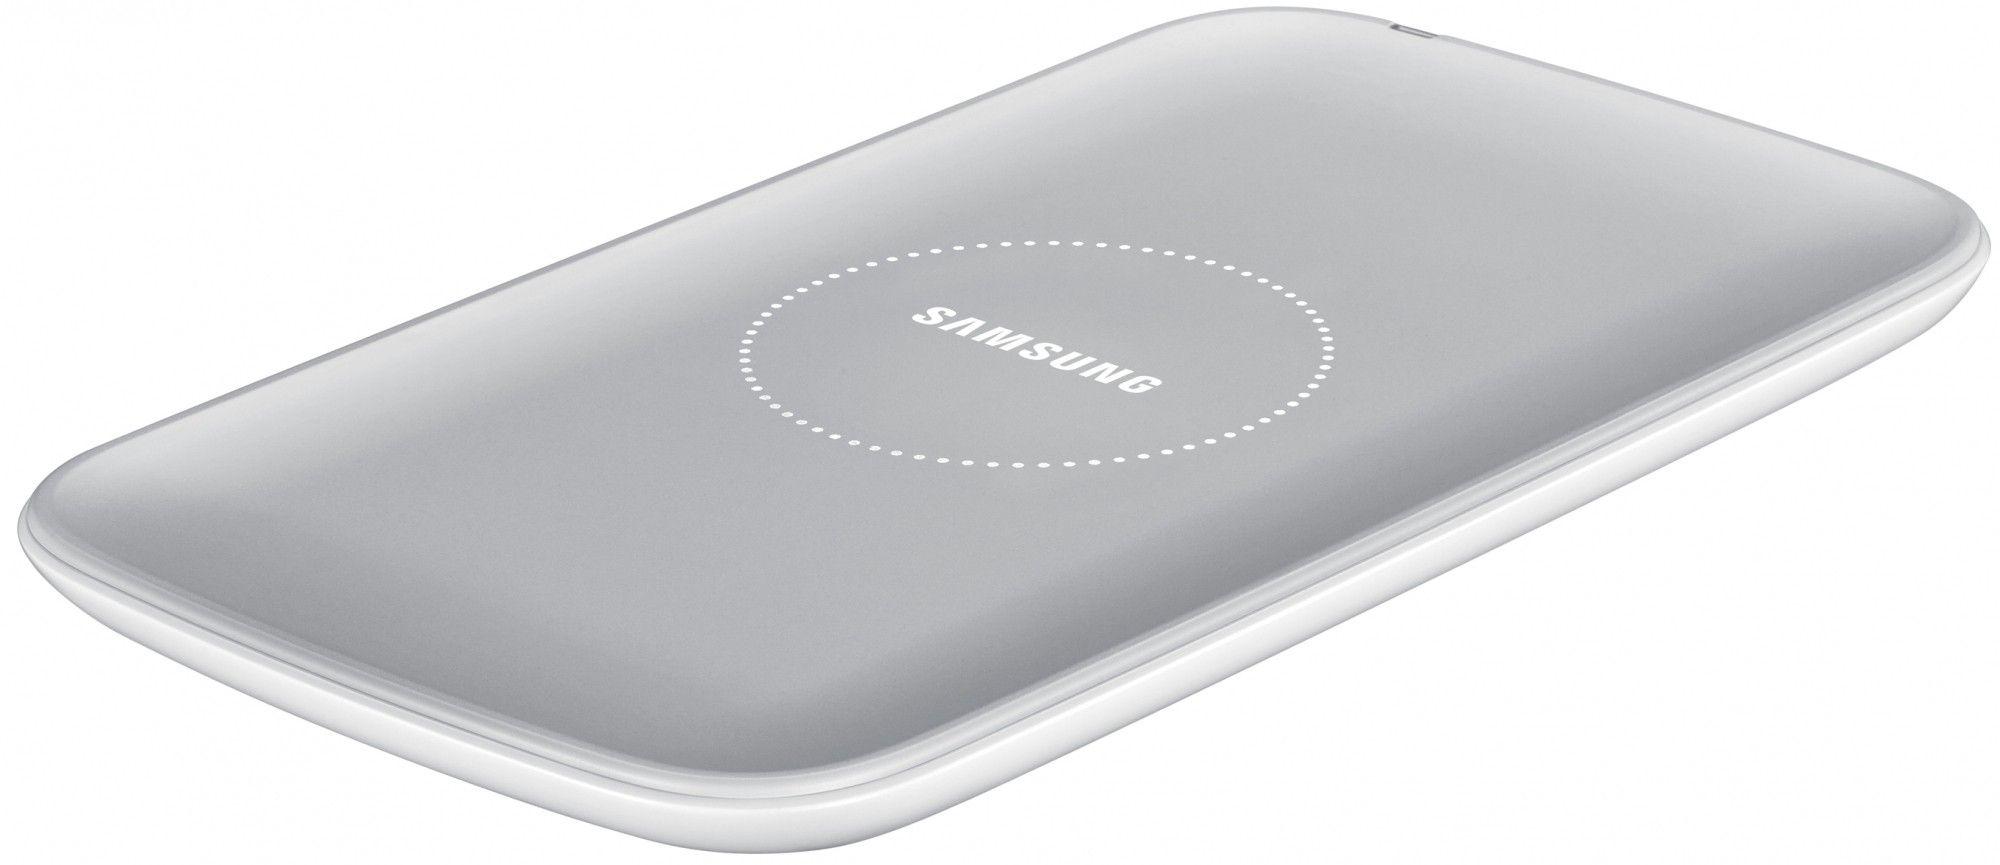 Беспроводное зарядное устройство Samsung Galaxy S4 Note 3 (EP-P100IEWEGWW) - 2